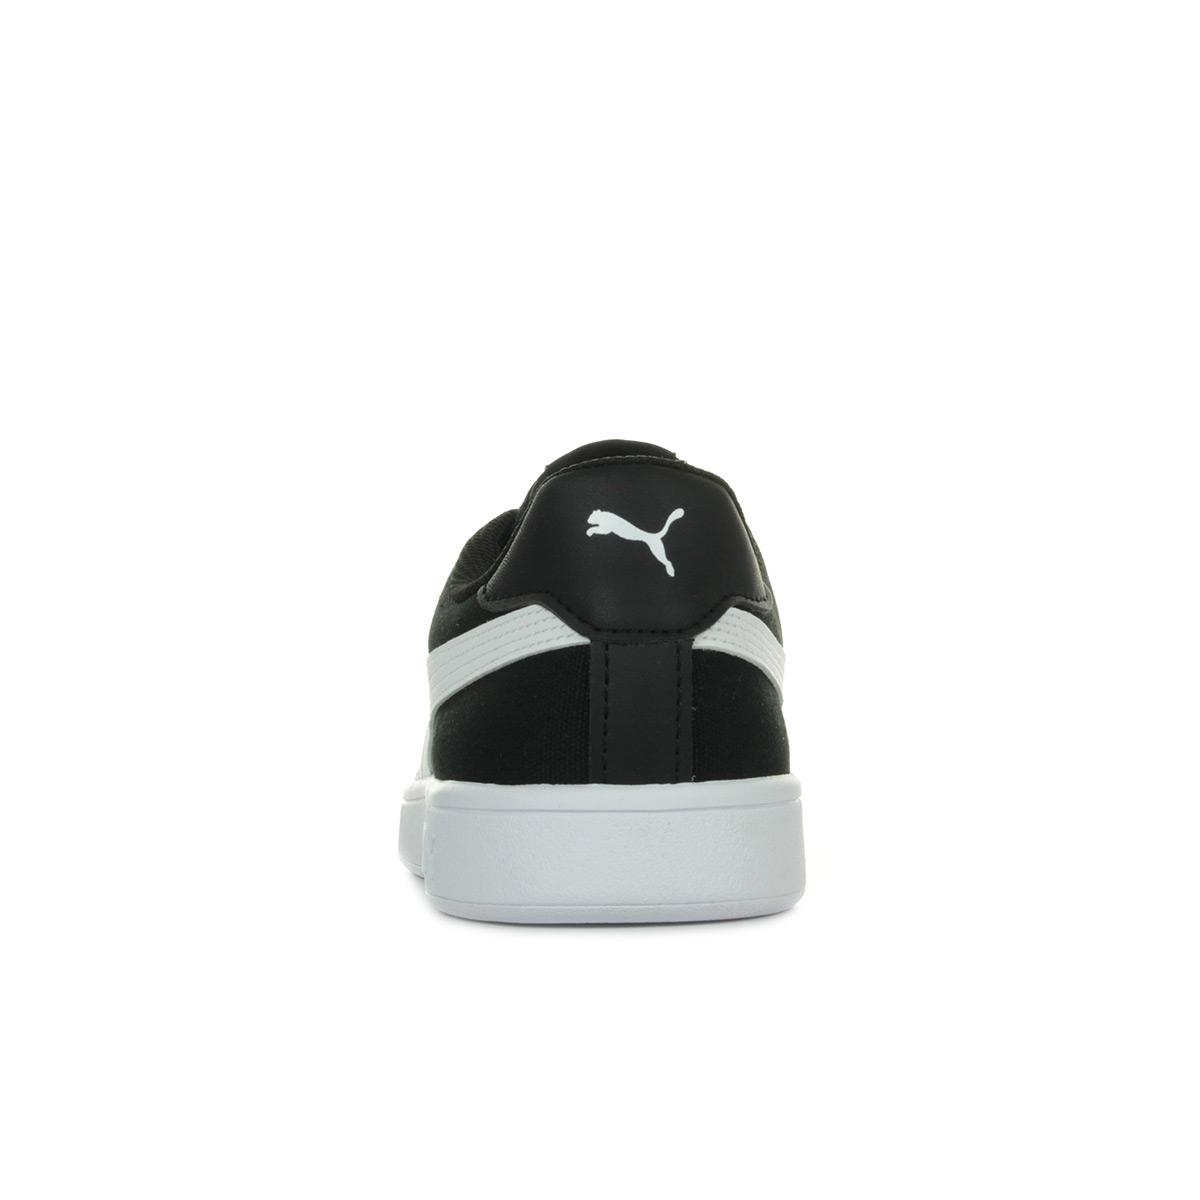 Puma Puma Smash v2 CV 36642001, Baskets mode homme